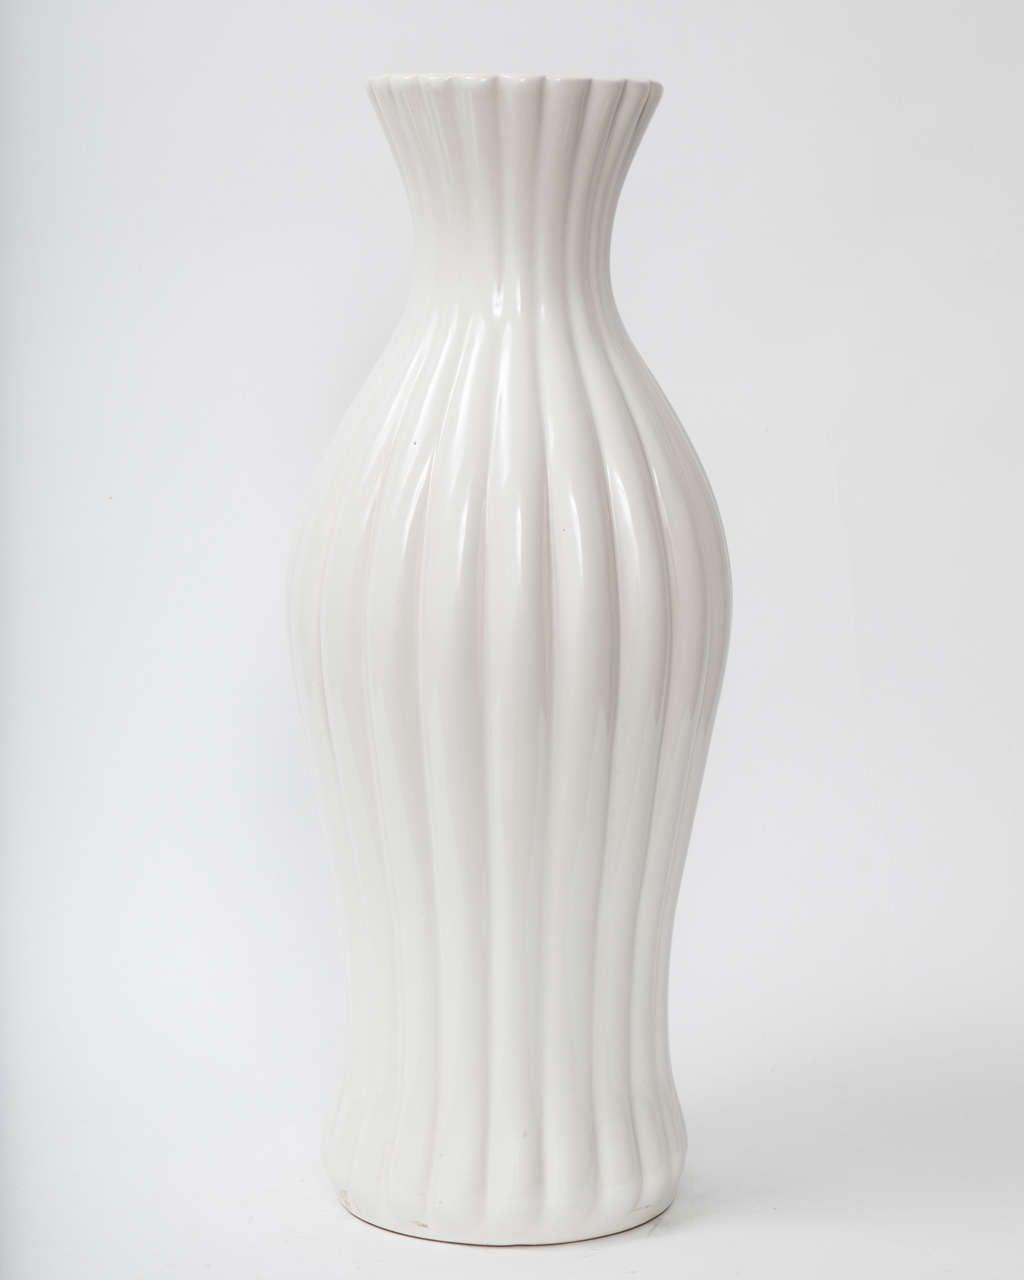 Decorative, midcentury tall vase by Ewald Dahlskog, Sweden, circa 1940.